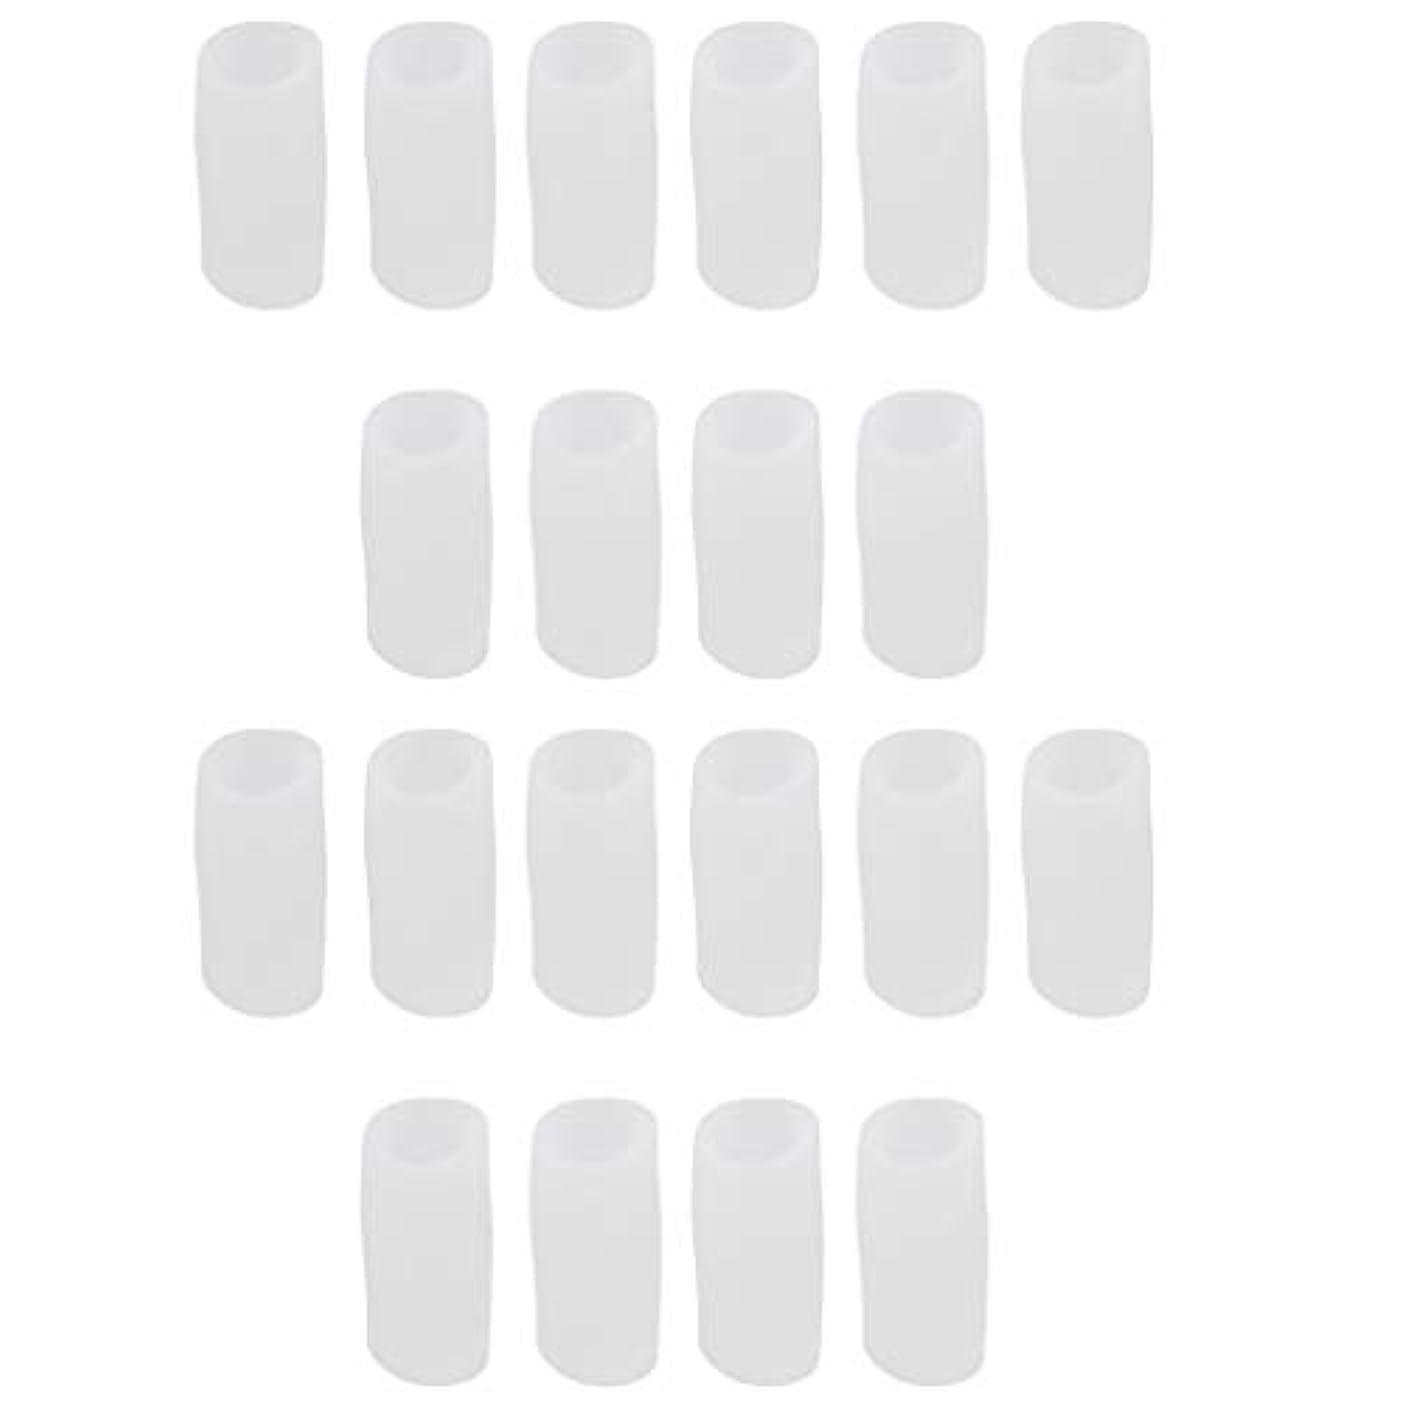 ウナギベール技術者足指保護キャップ つま先プロテクター 洗える 便利 約20個セット 全2サイズ - S